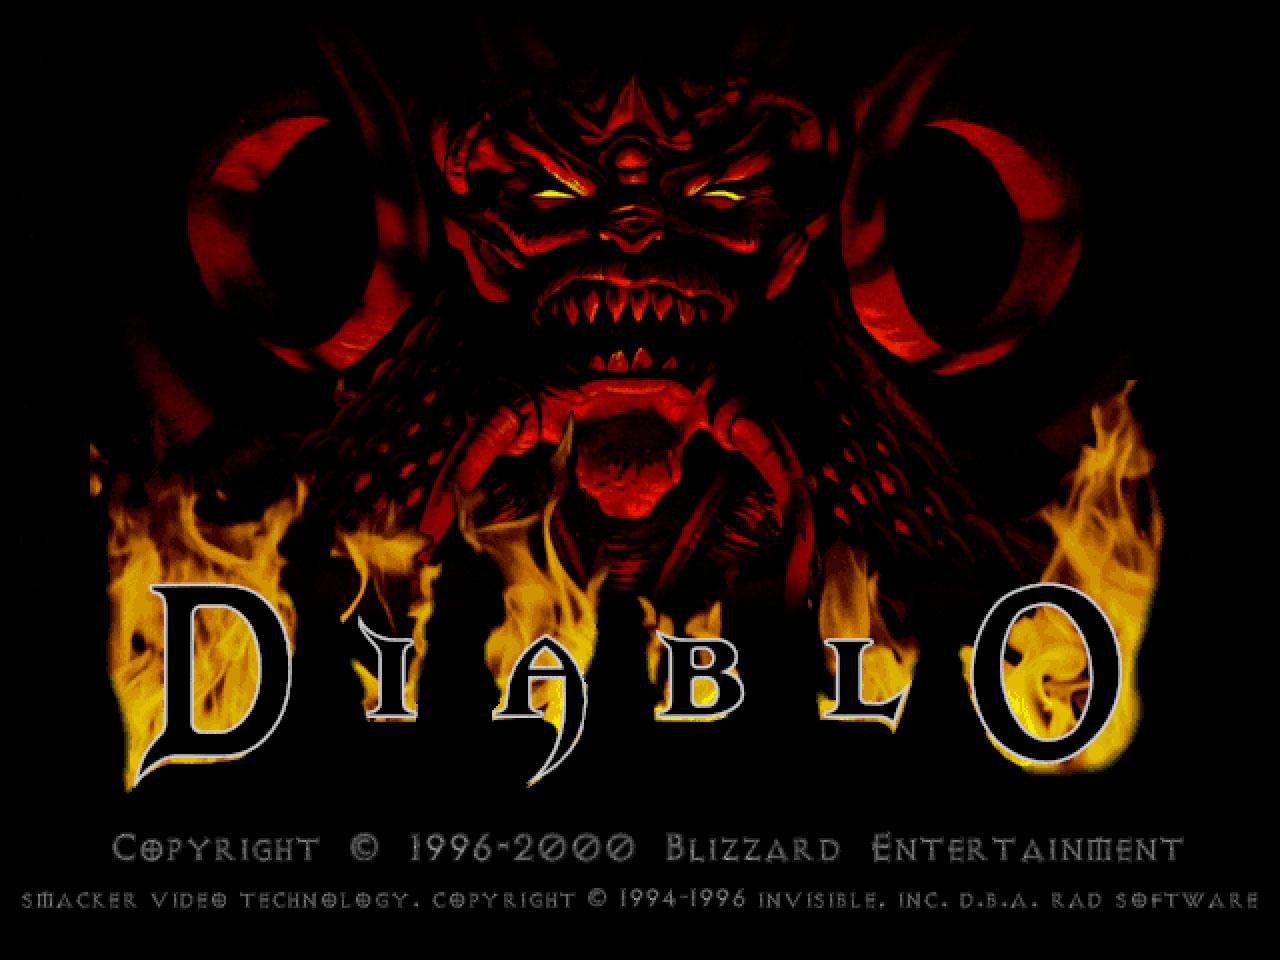 Diablo blizzard entertainment